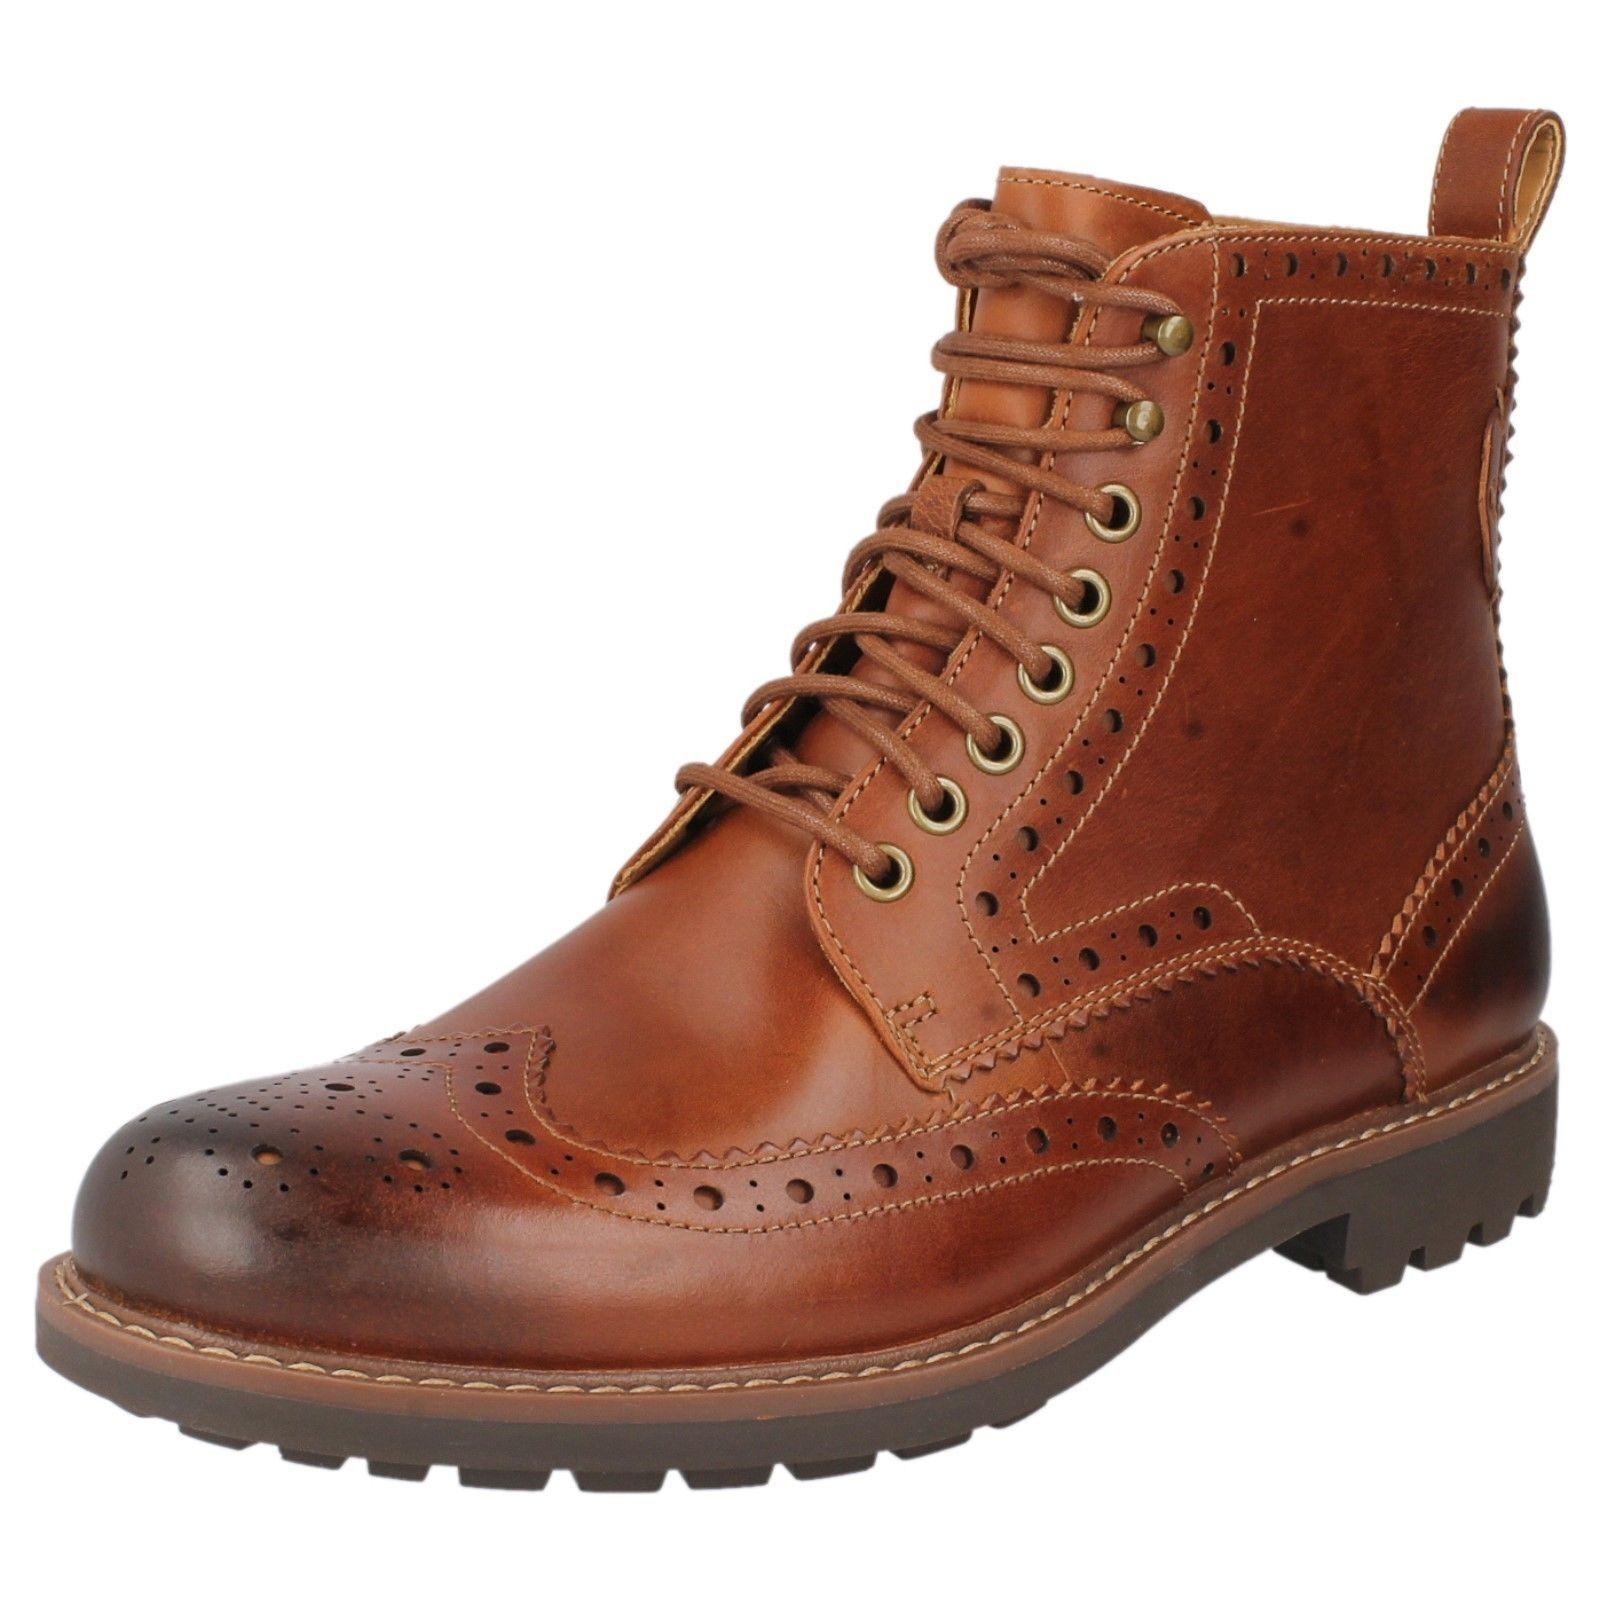 Hombre Clarks Montacute Lord Marrón Oscuro Zapato Calado Piel Acordonar botas